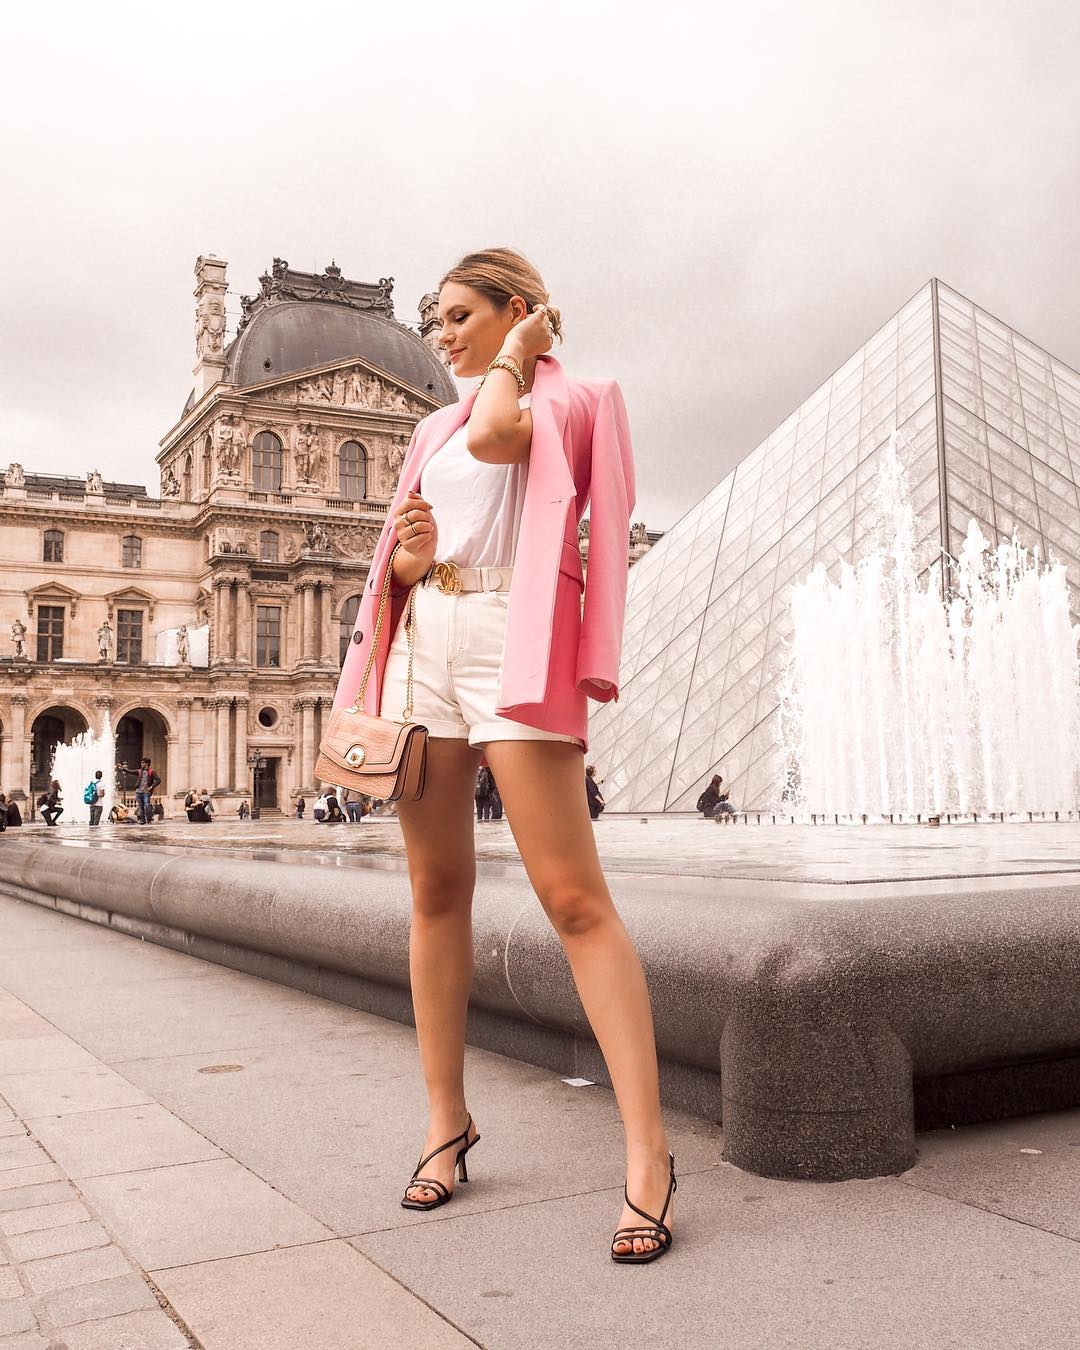 crossover breasted jacket de Zara sur jesschamilton